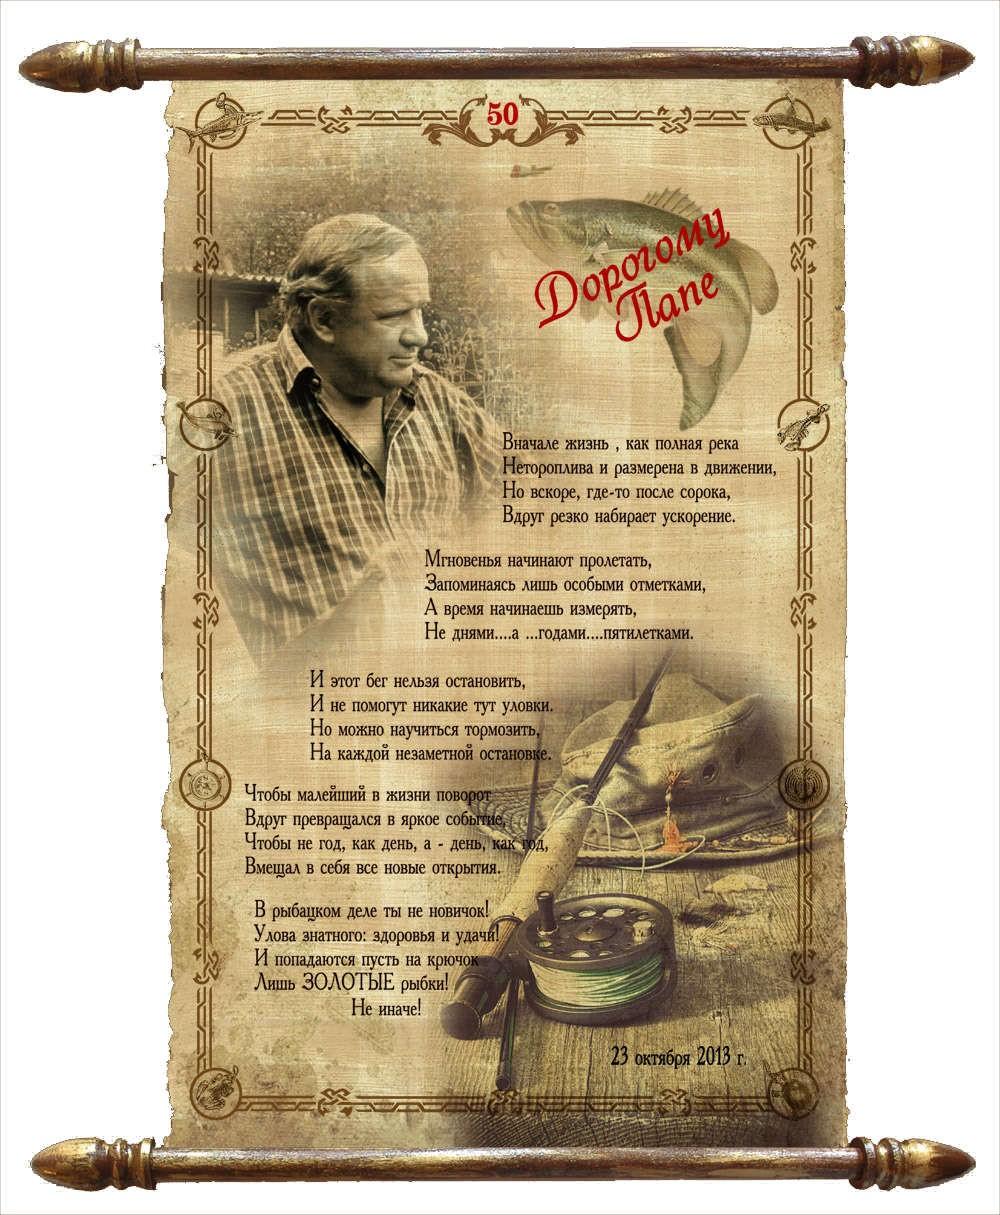 Поздравления на 60 лет мужчине рыбаку прикольные